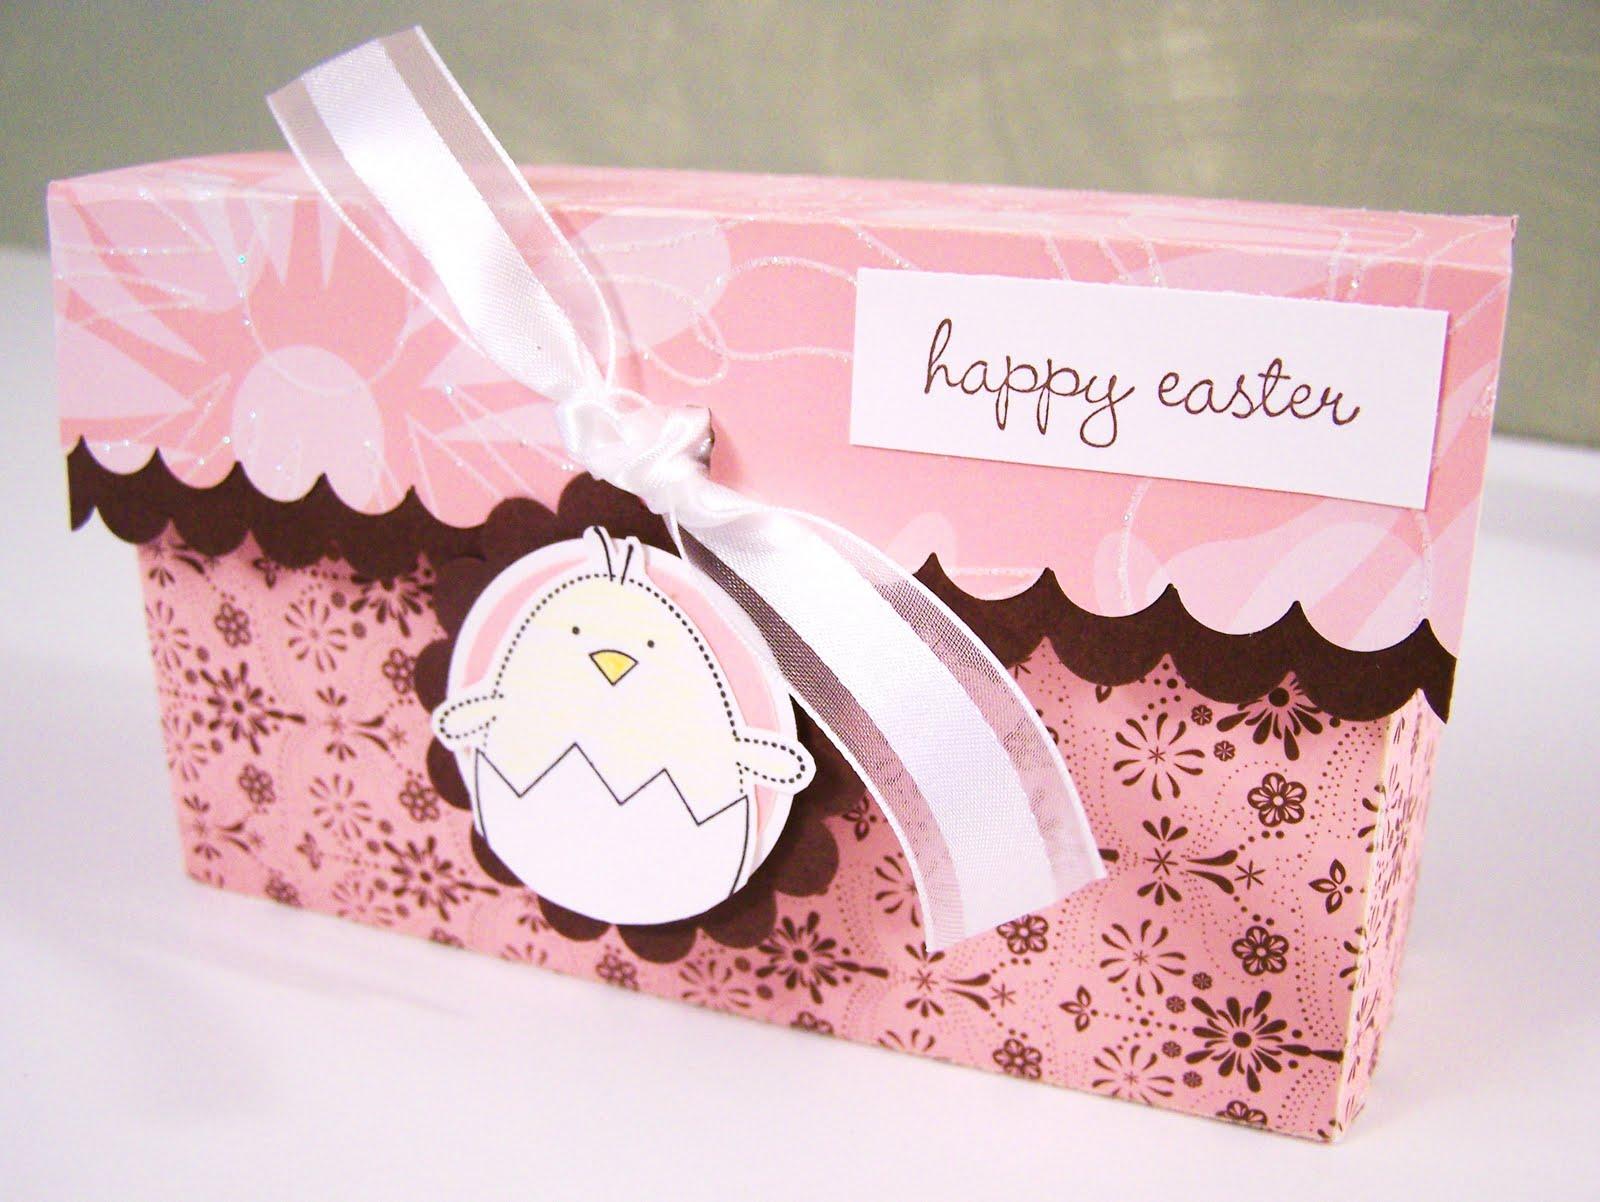 Les boites dans la maison . - Page 3 Easter+Box+2